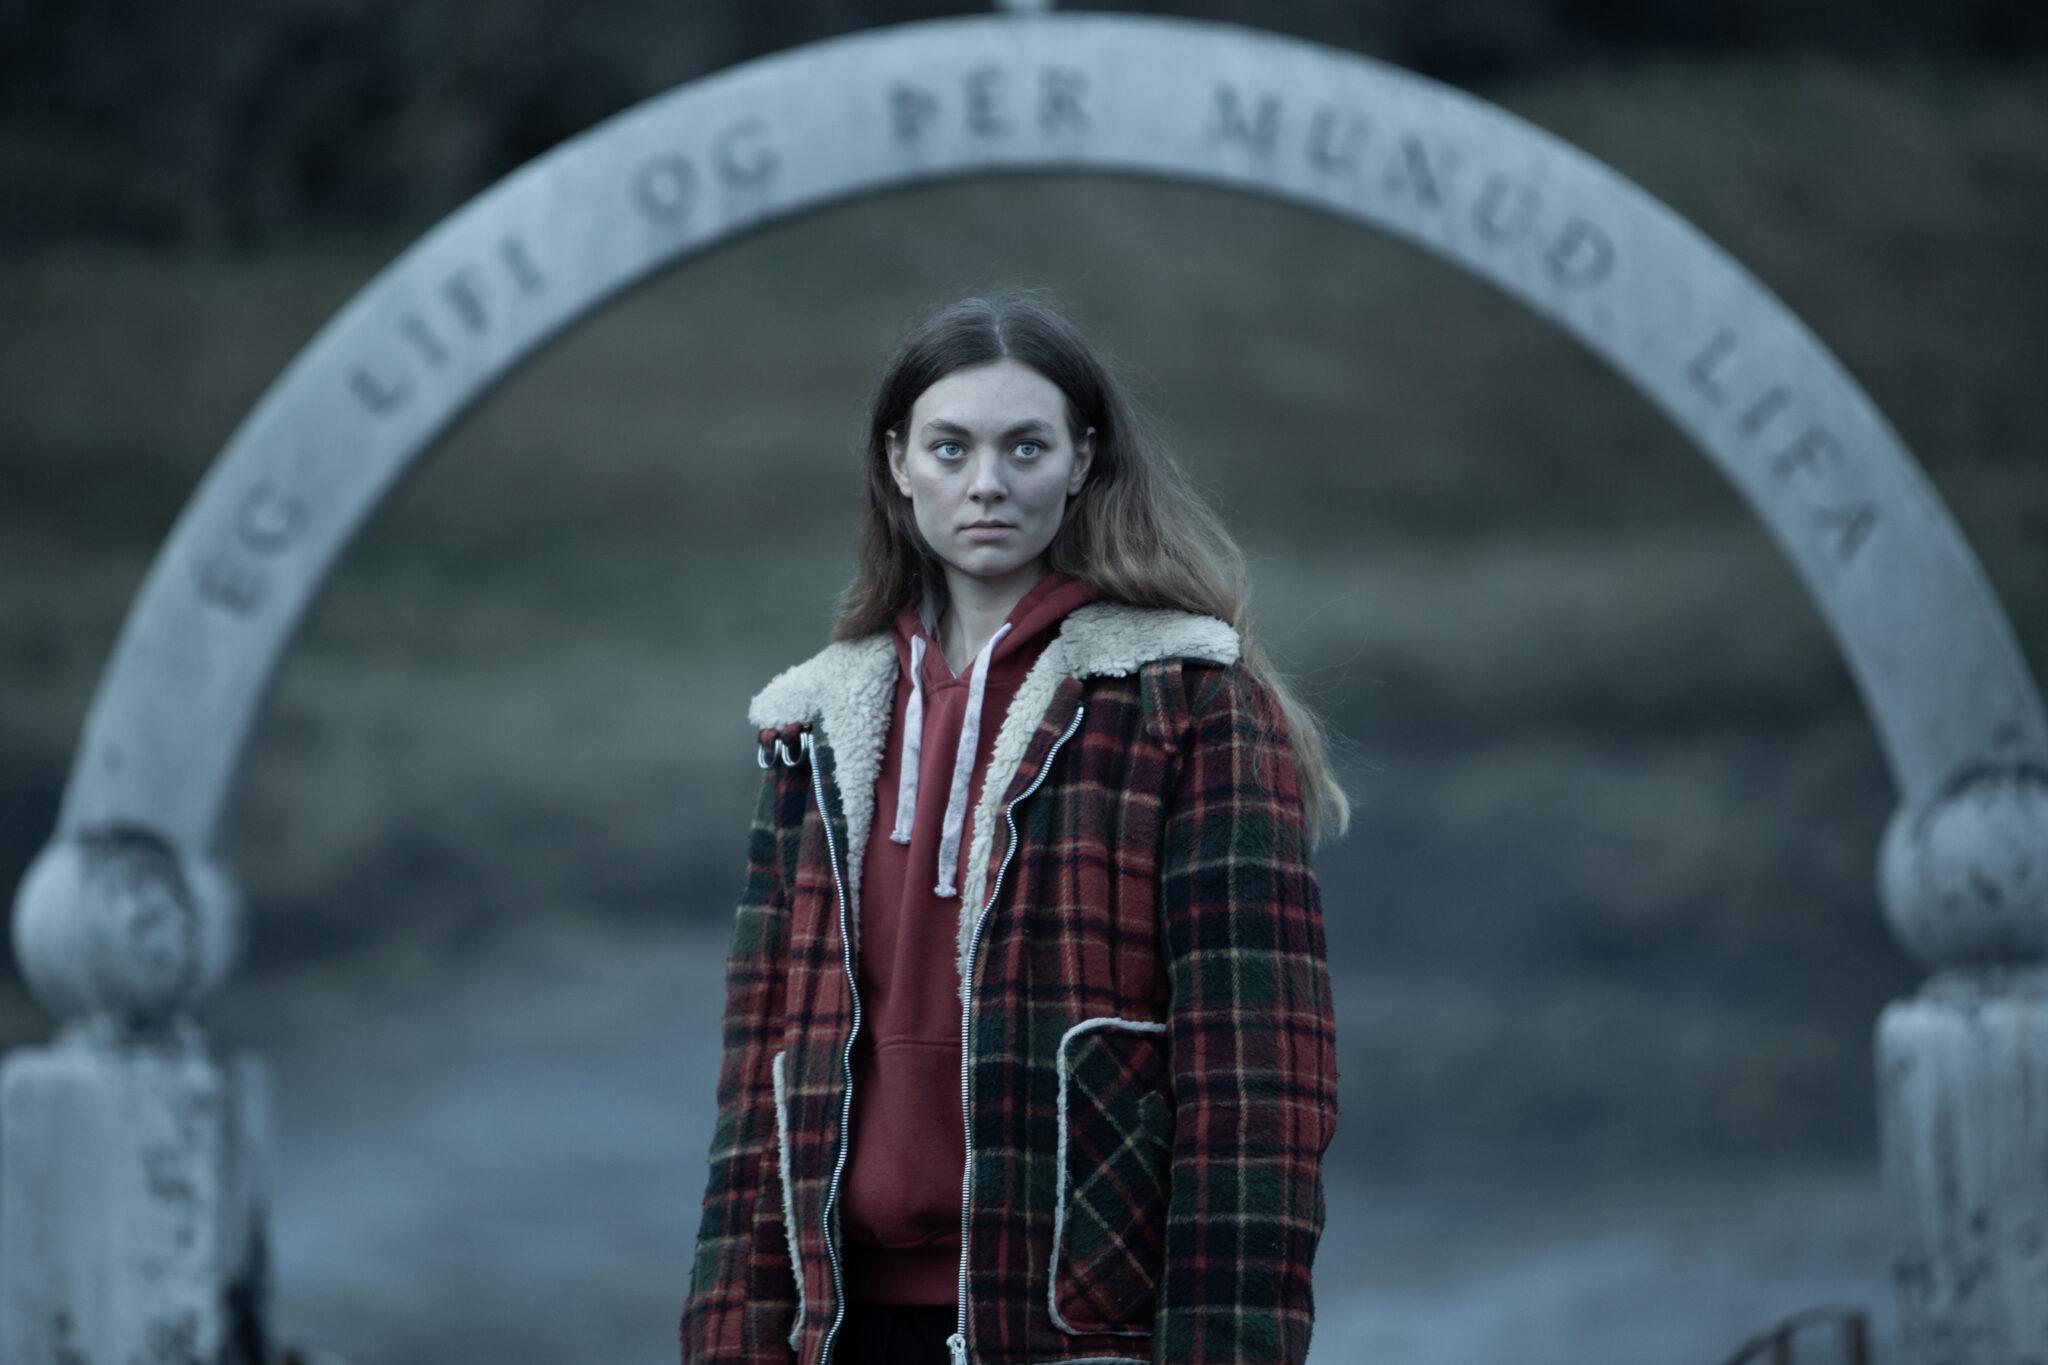 Åsa steht mit einer karierten Jacke und rotem Hoodie vor einem Torbogen.